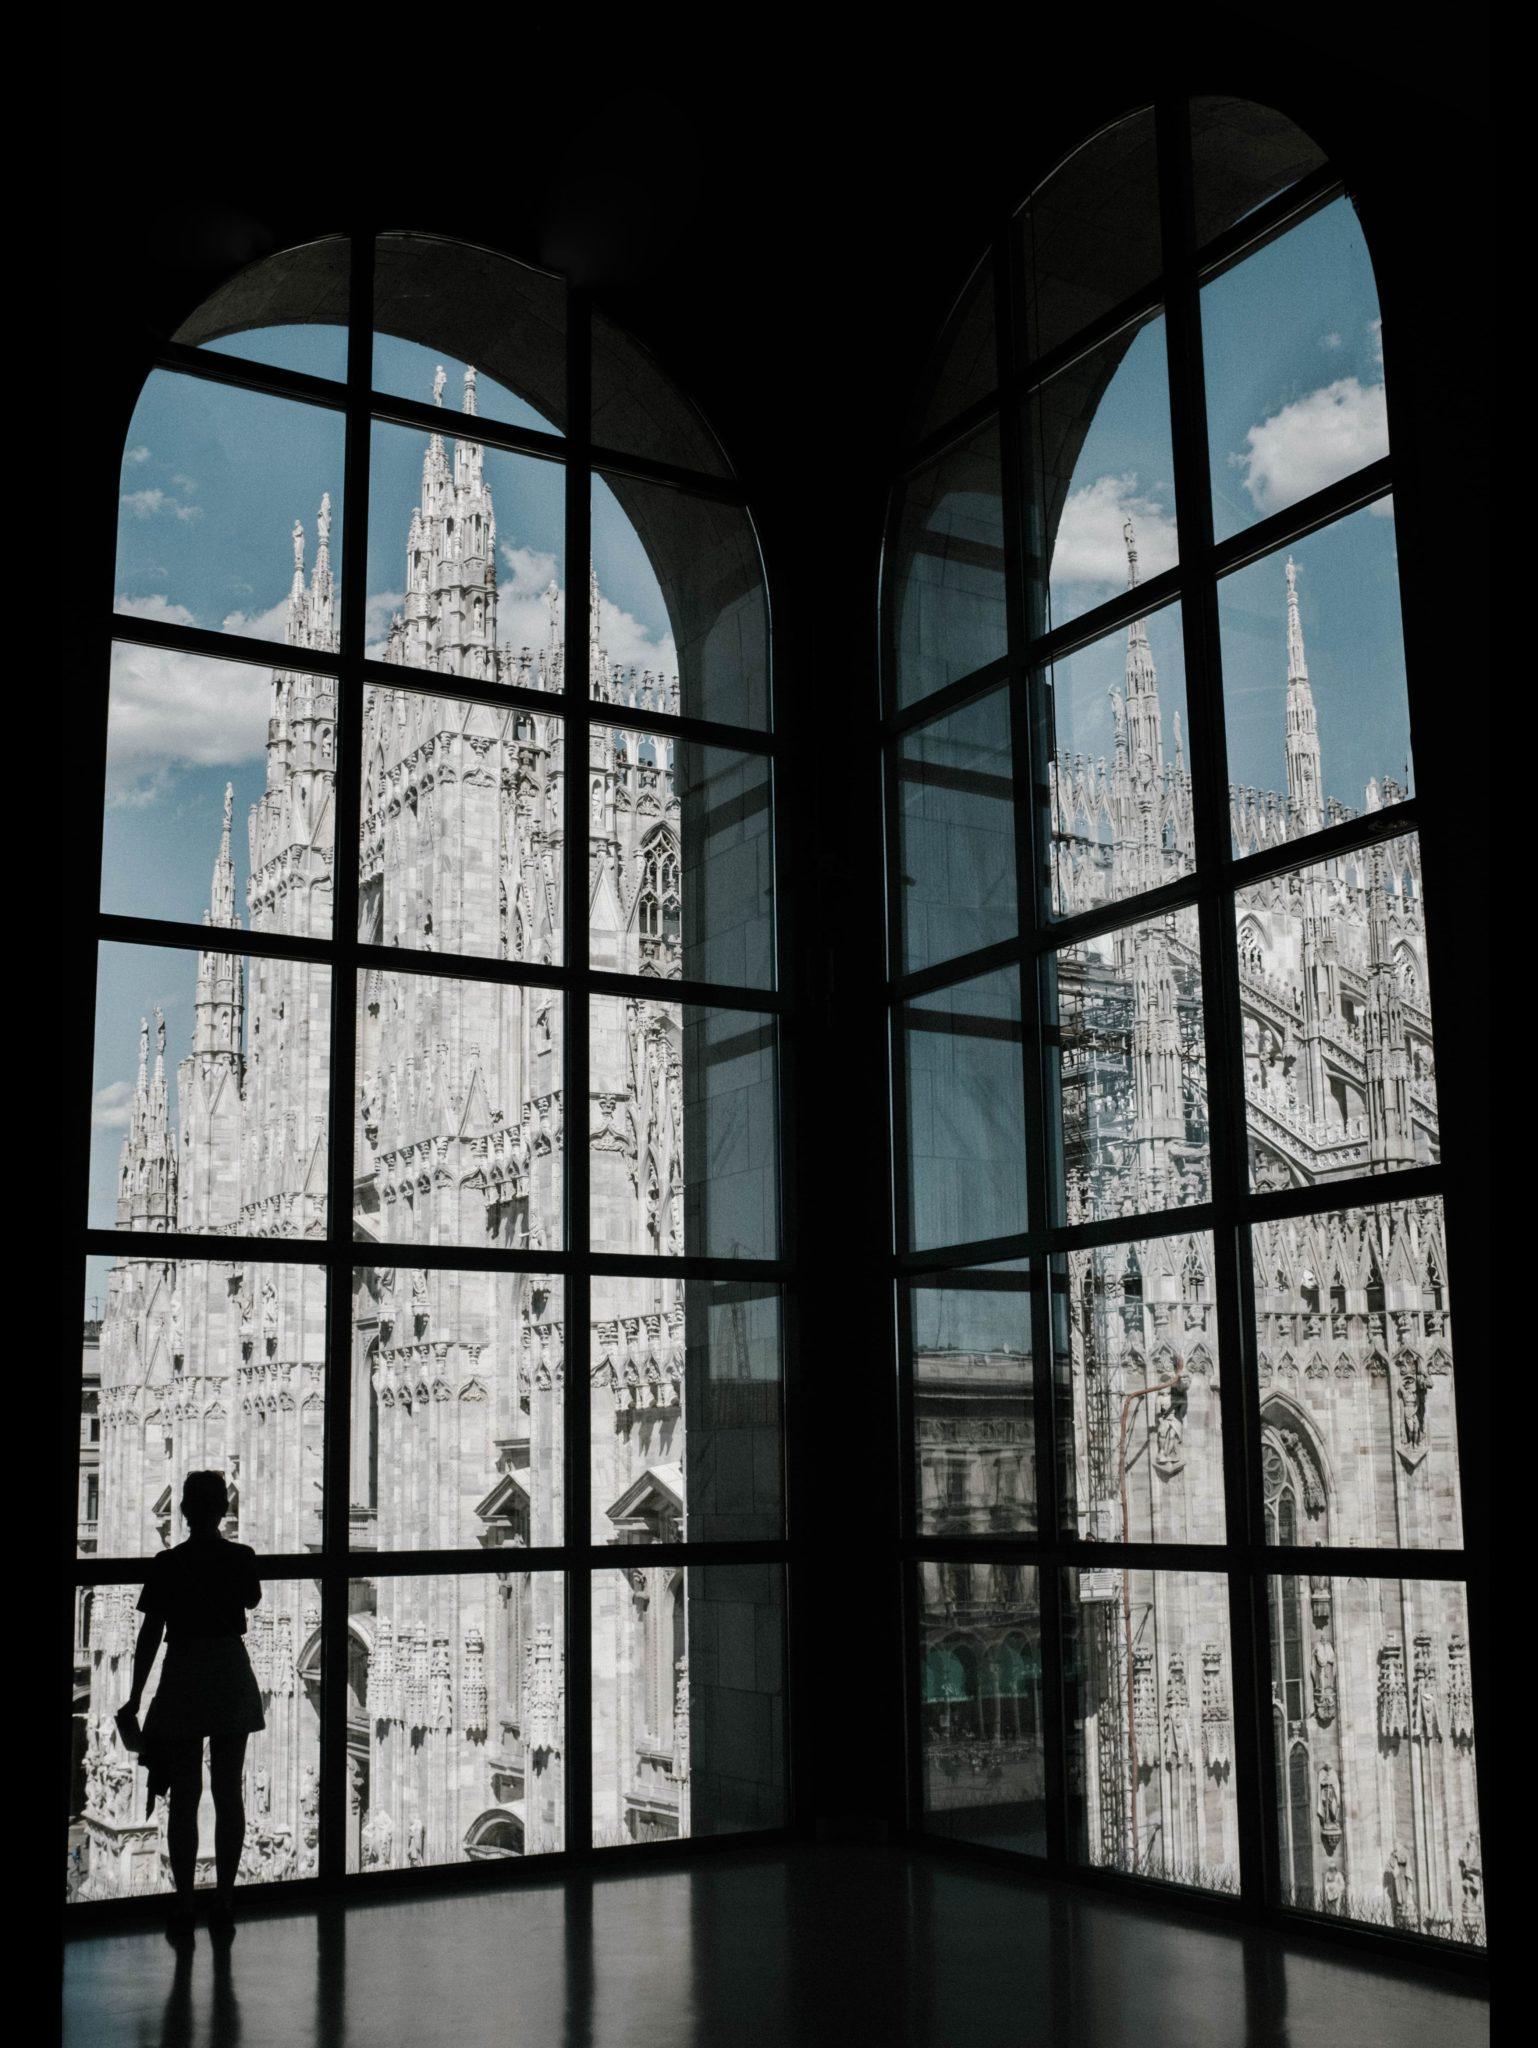 Milánská katedrála